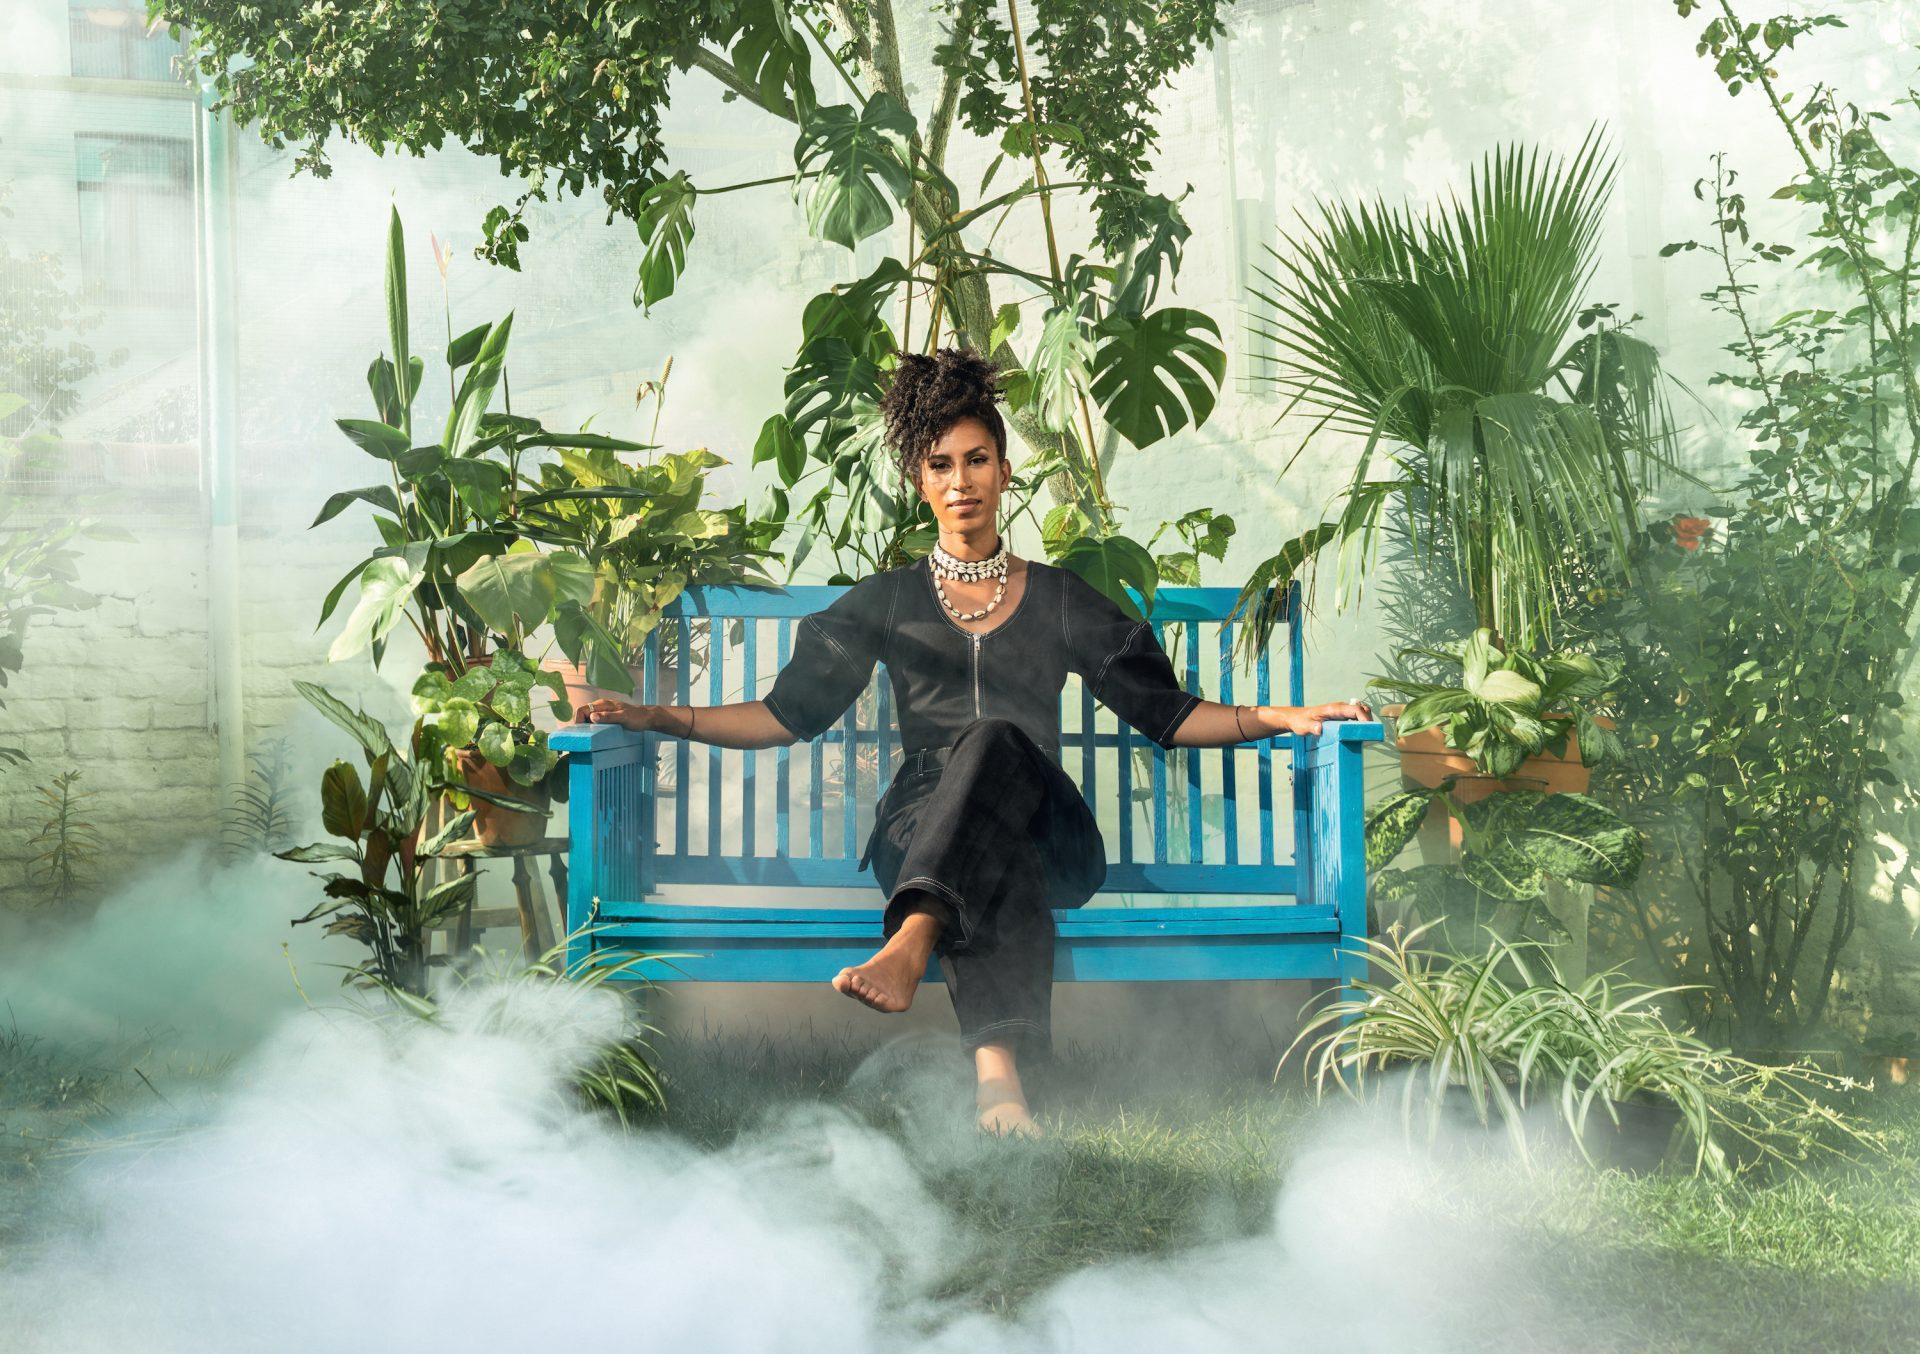 Nainen istuu sinisellä penkillä kasvien ympäröimänä